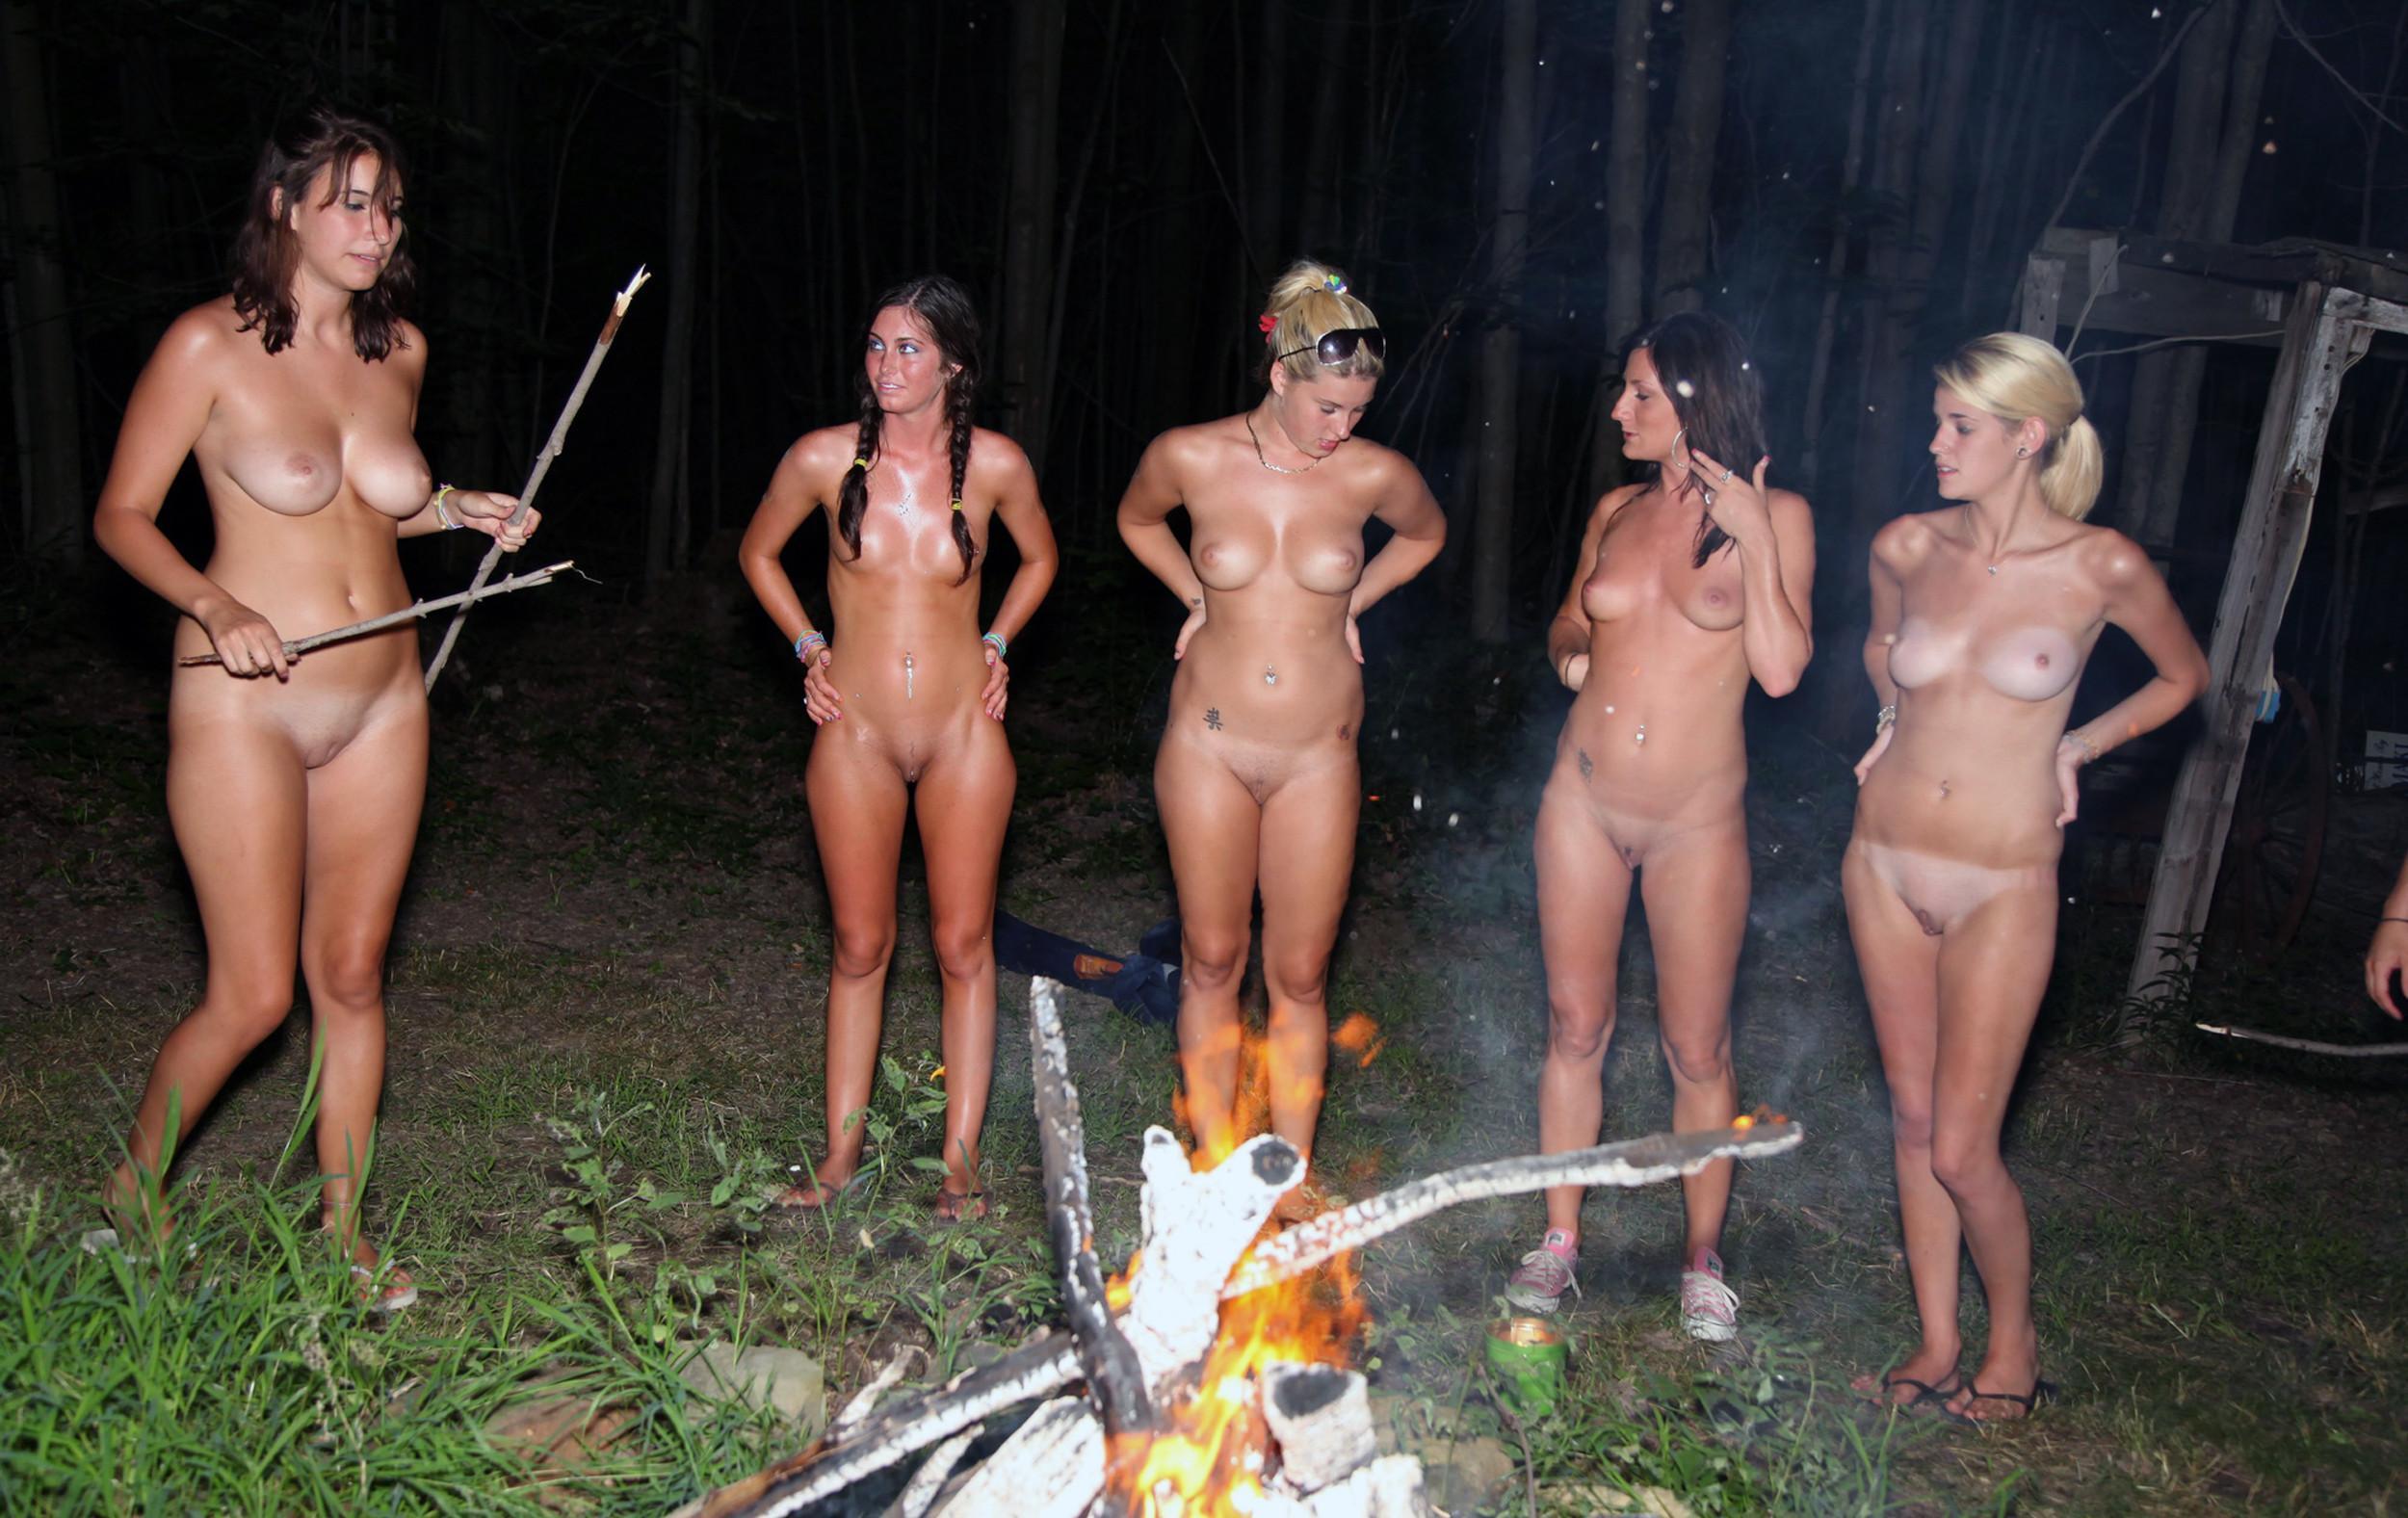 groups of girls flashing vagina